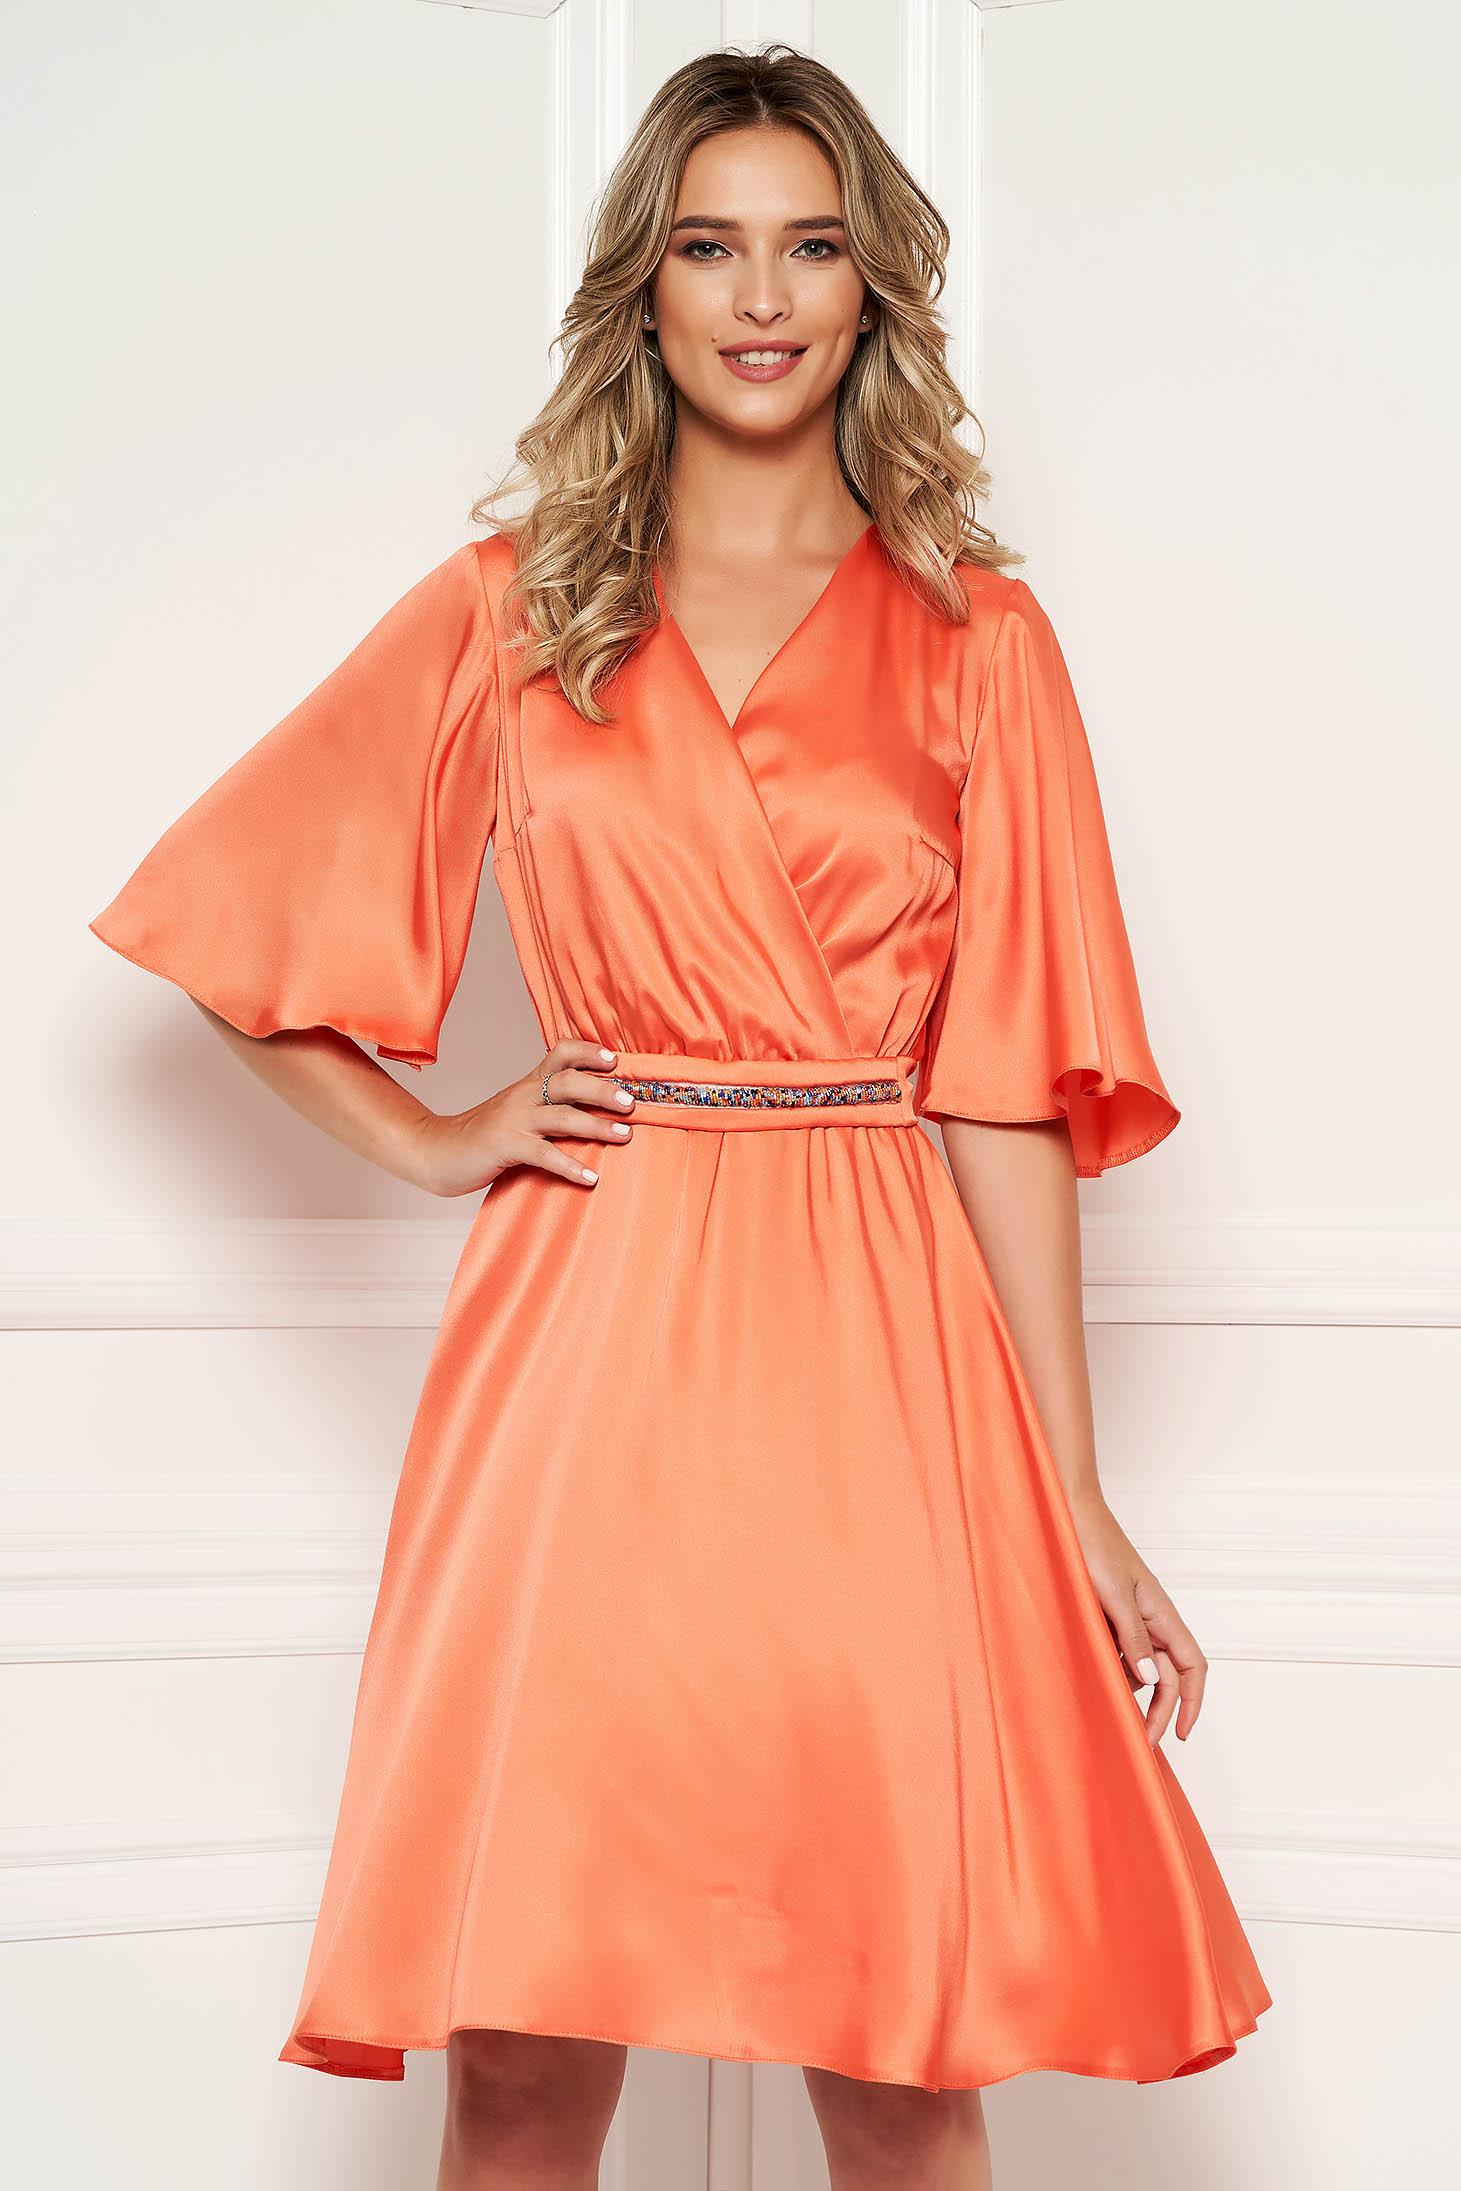 Narancs StarShinerS elegáns midi ruha szaténból deréktól bővülő szabás v-dekoltázzsal pillangó típusú ujjakkal